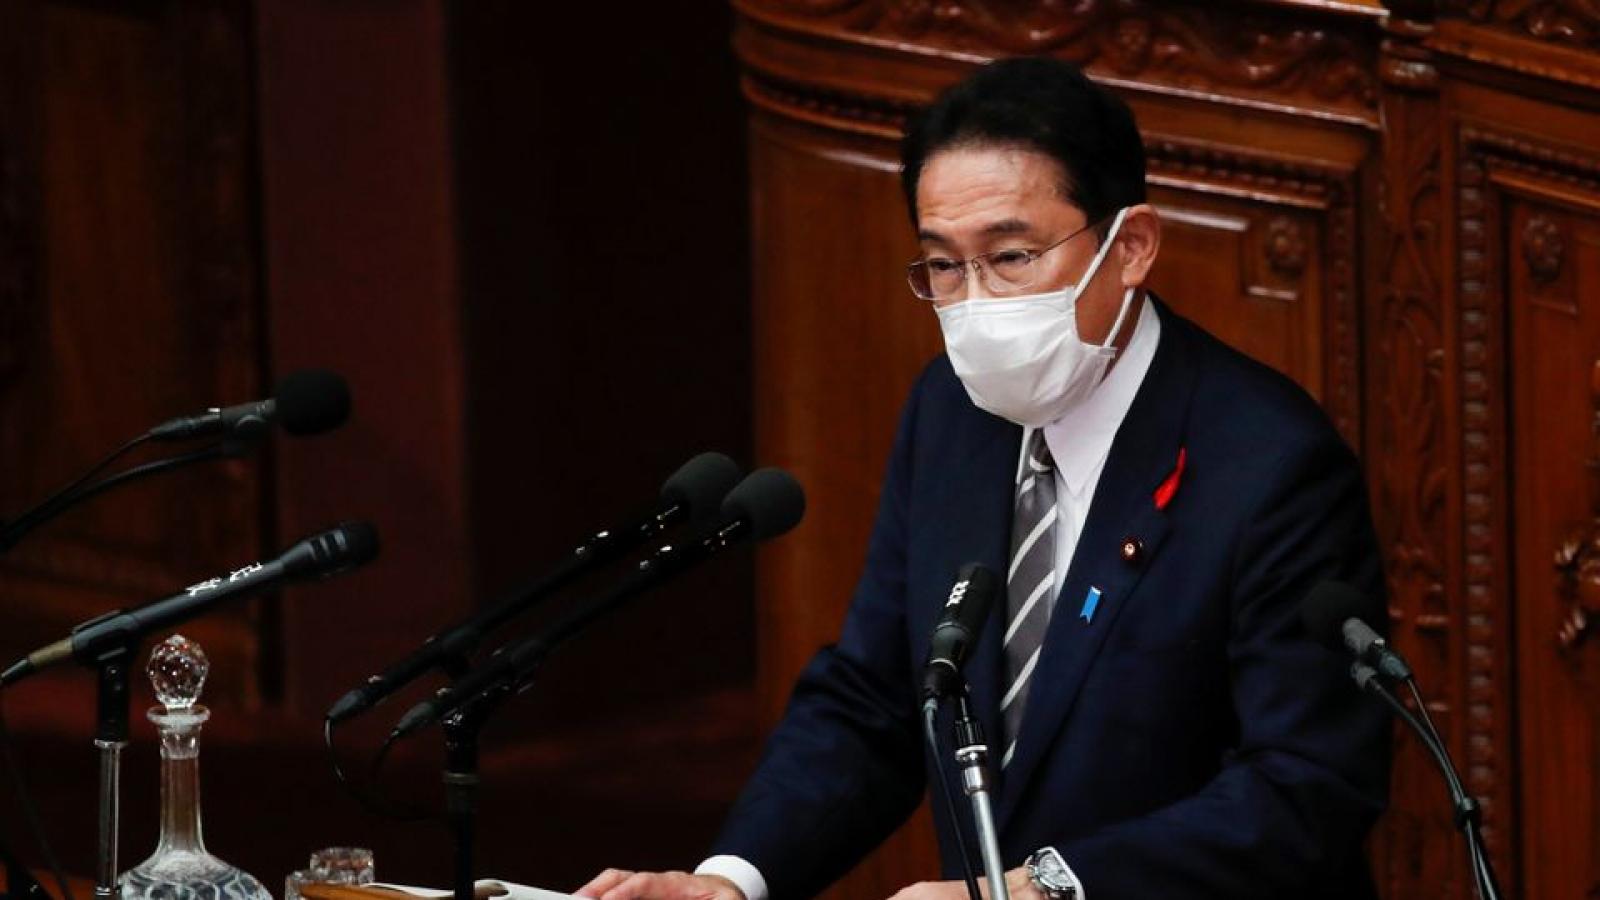 Tỷ lệ ủng hộ của người dân Nhật Bản đối với tân Thủ tướng F.Kishida ở mức 49%